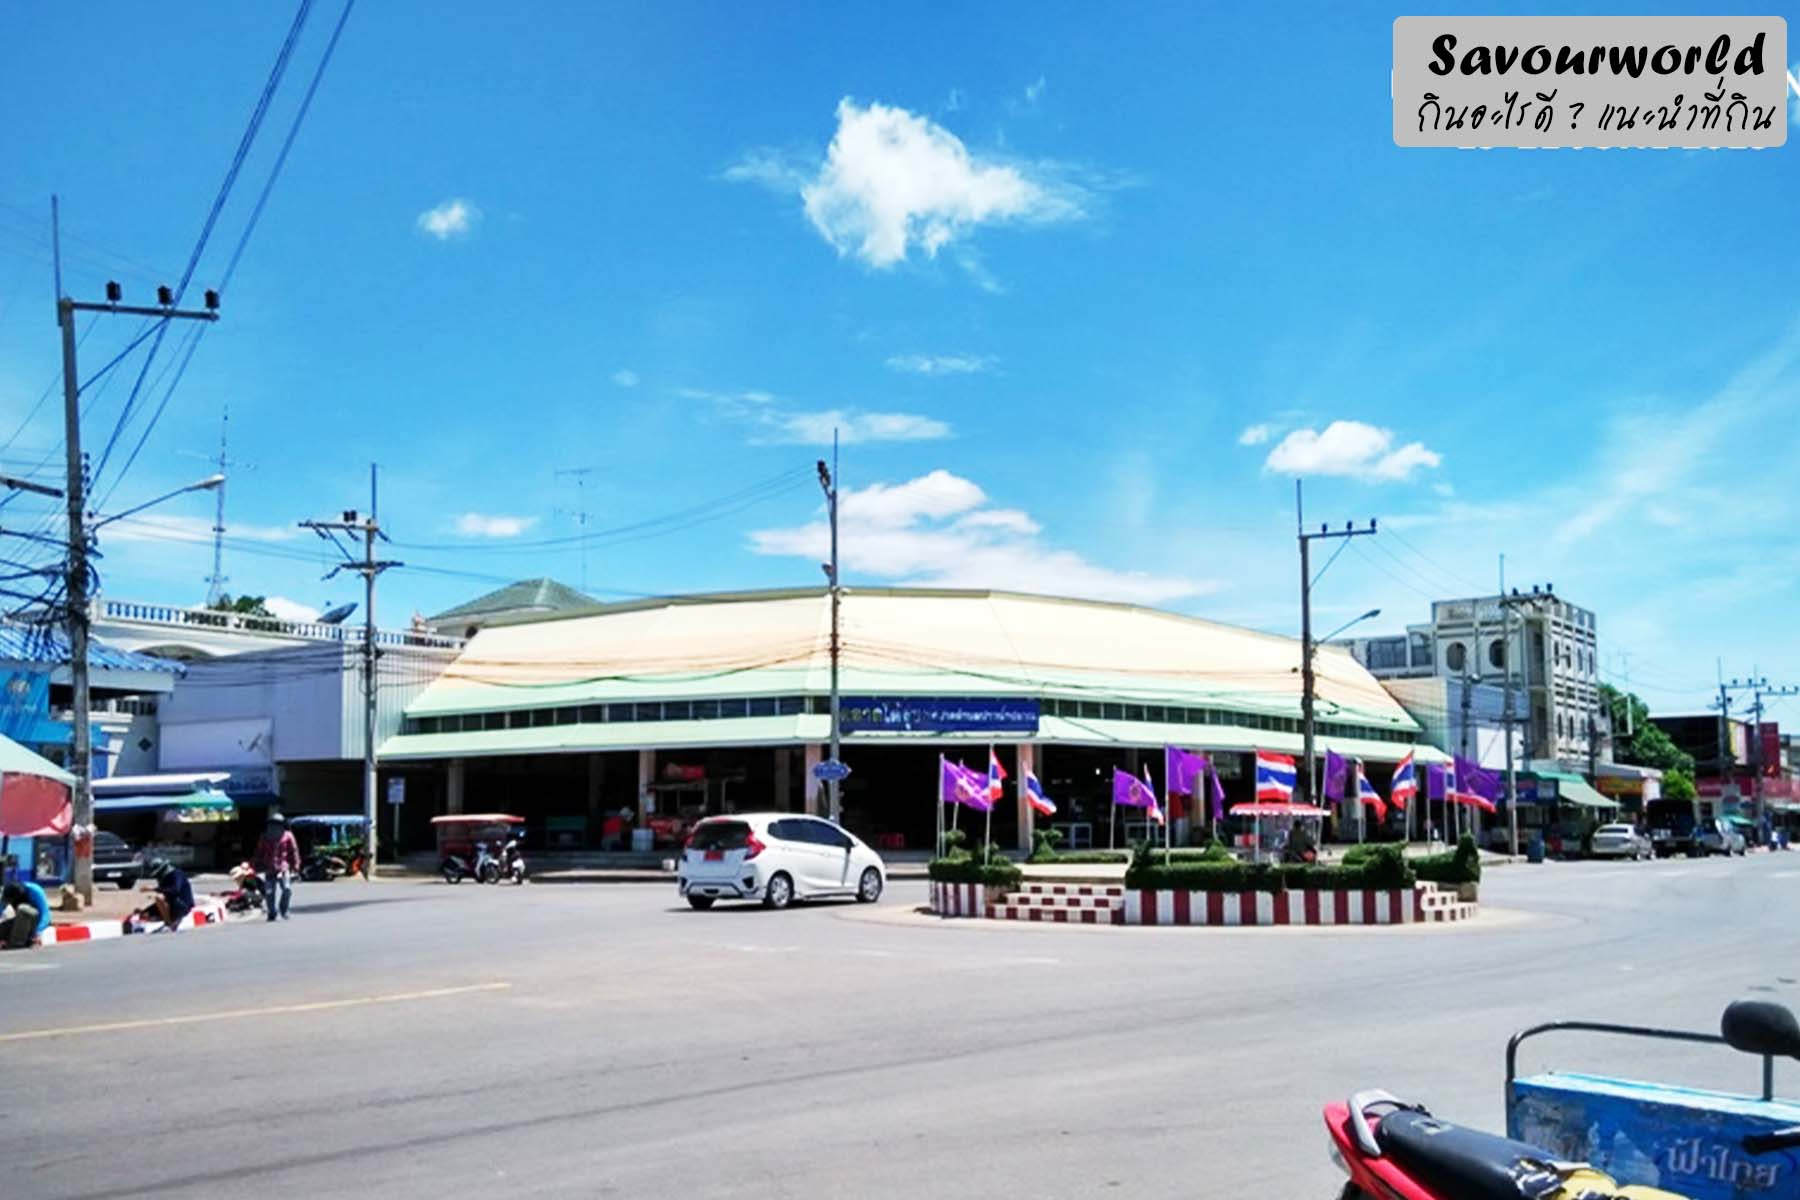 ตลาดสด วงเวียนปากน้ำ ปราณบุรี - savourworld.com